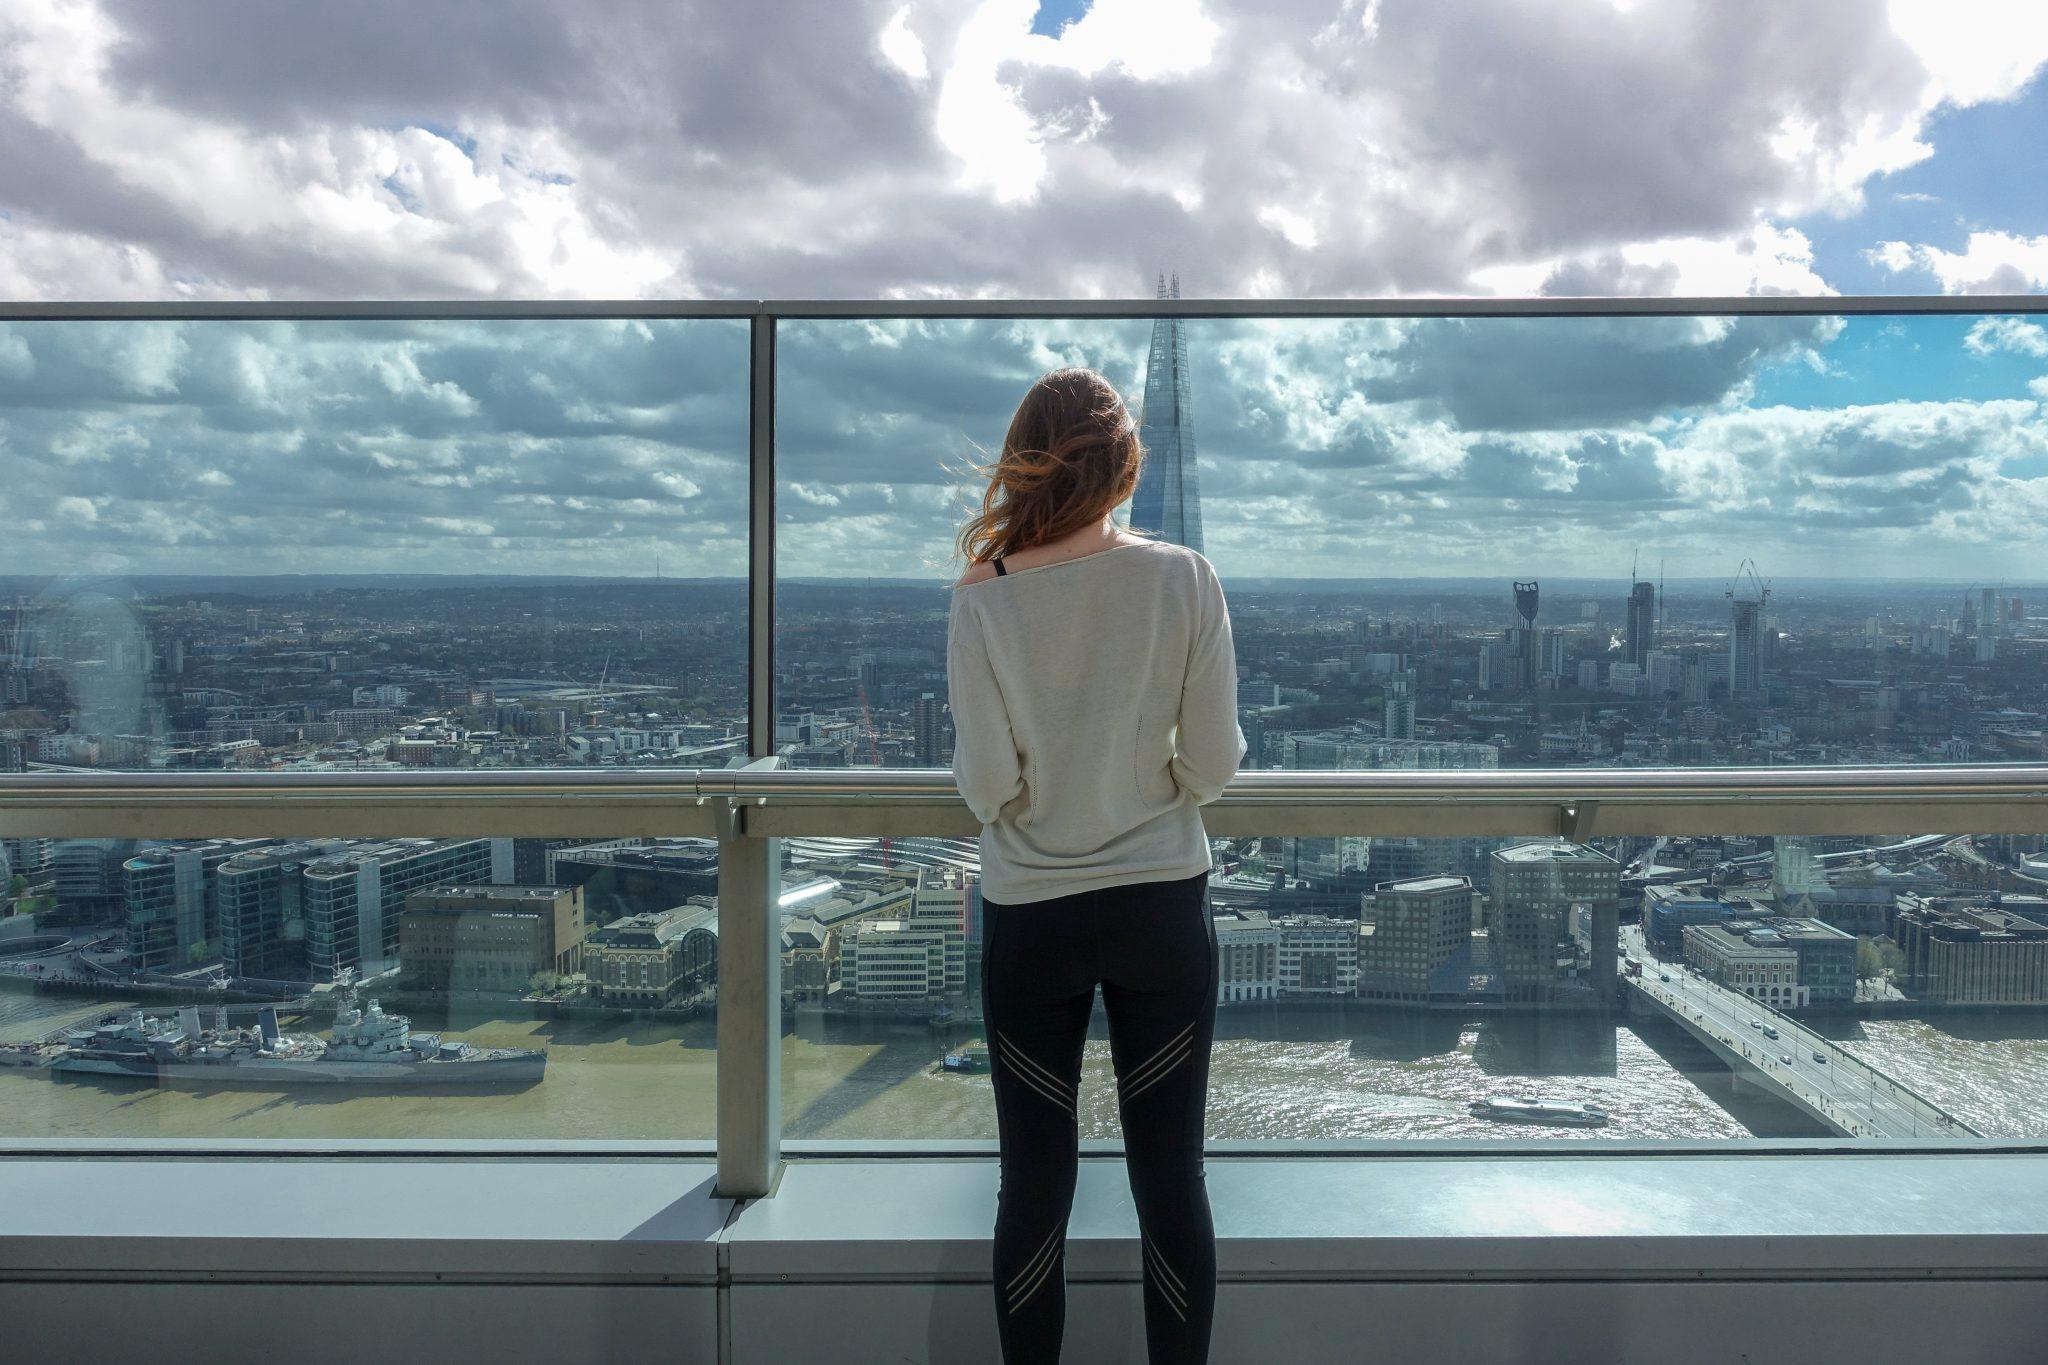 du-hast-angst-vorm-reisen-12-gründe-warum-du-es-trotzdem-tun-solltest-london